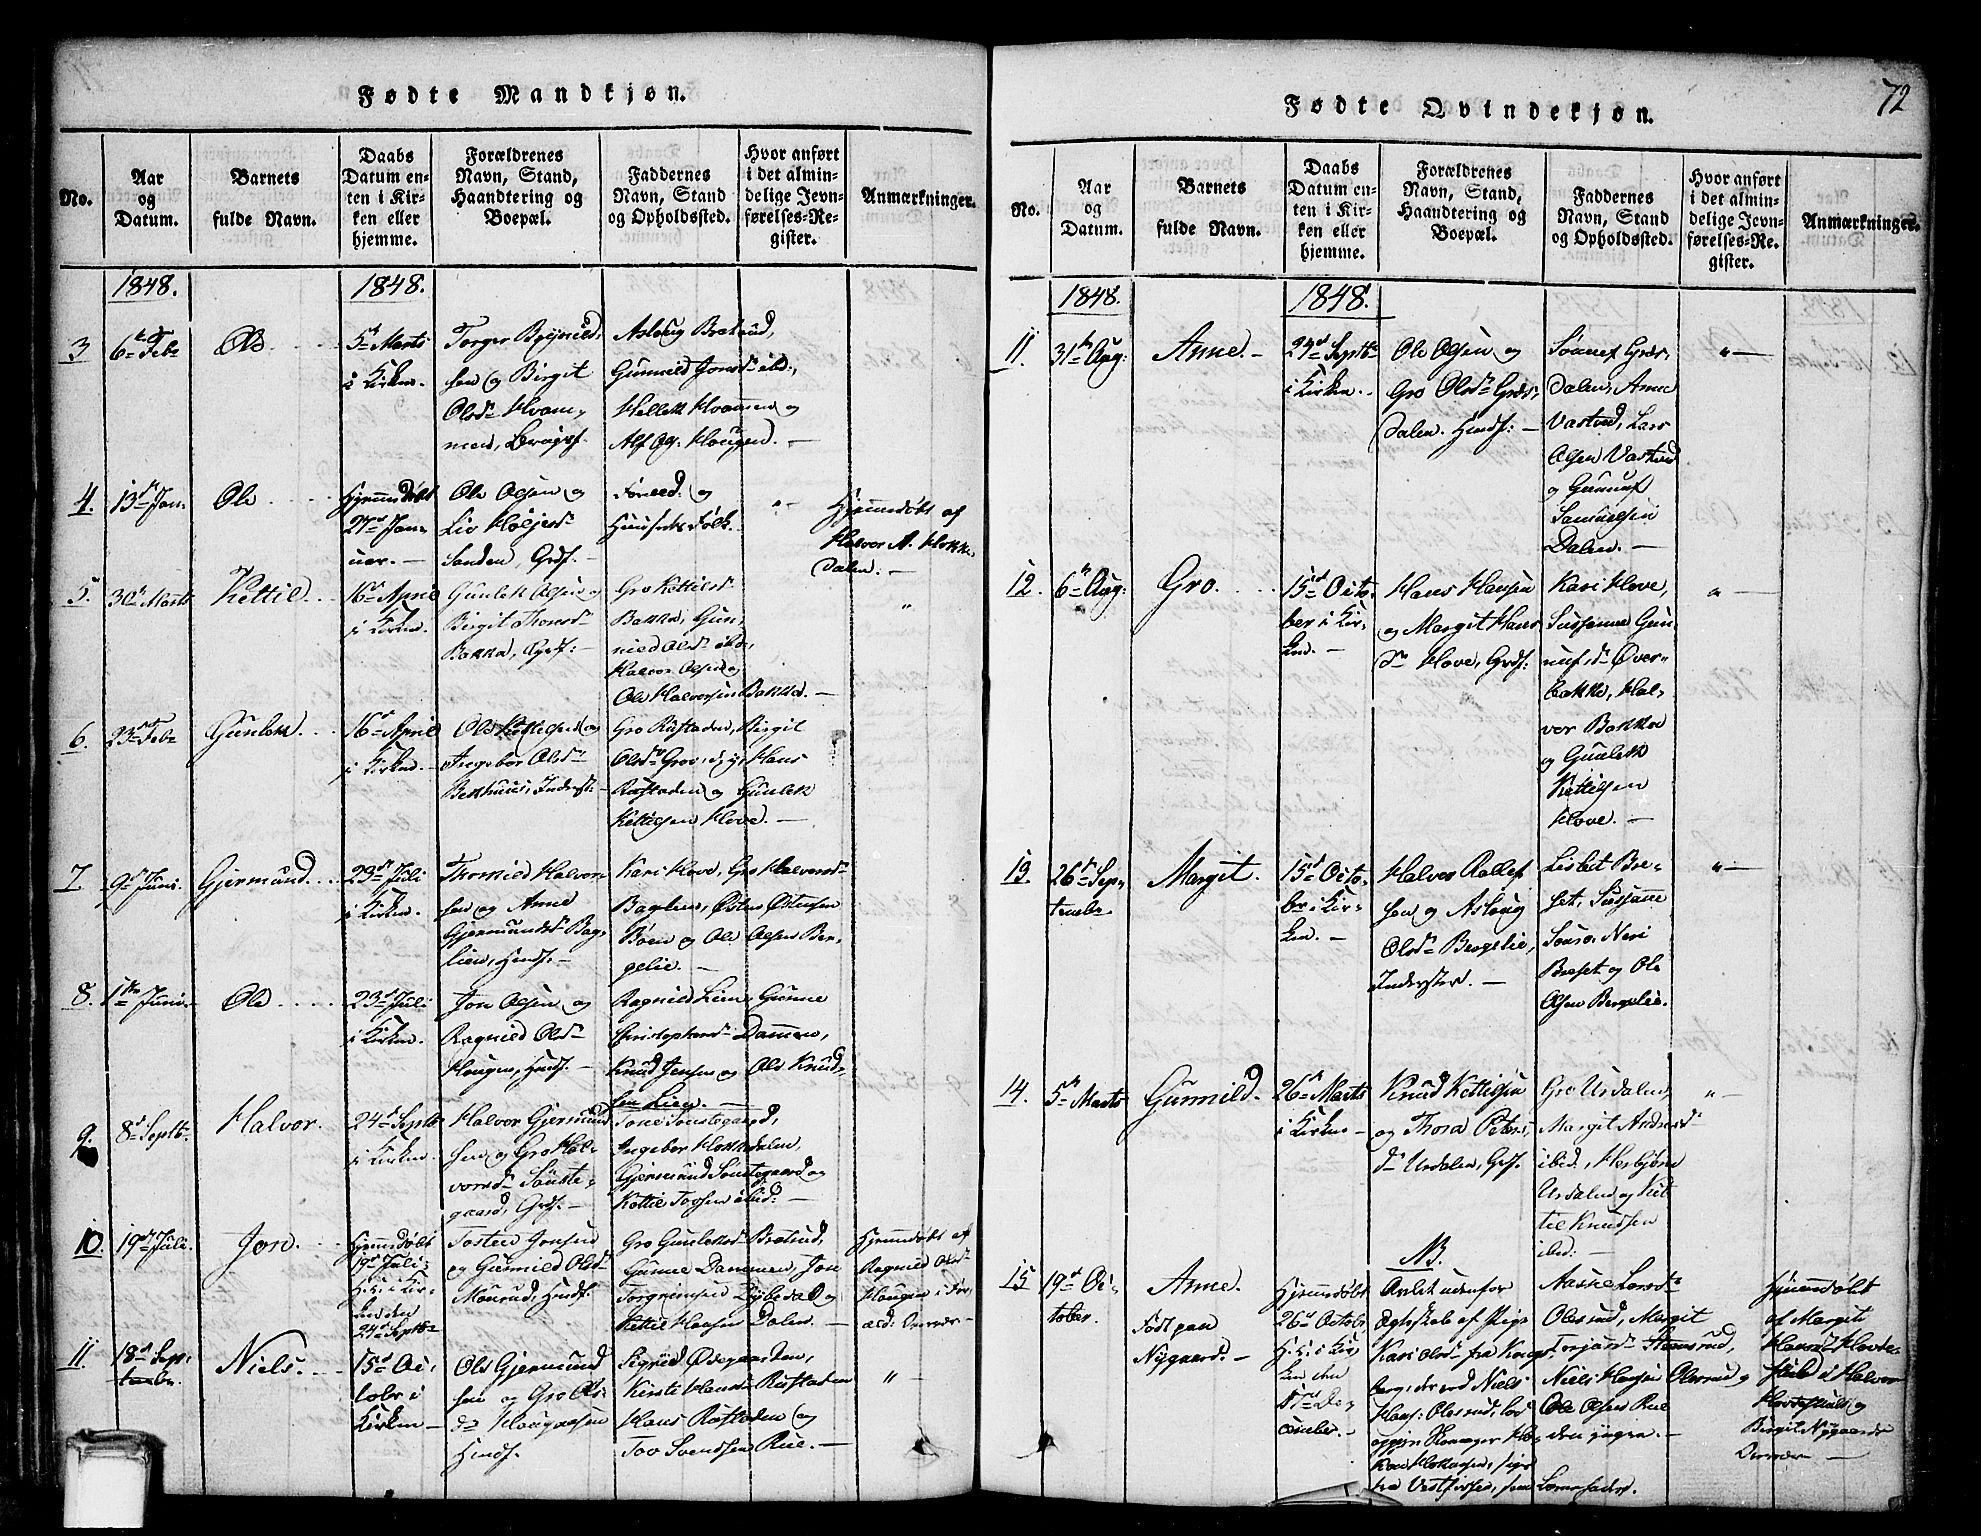 SAKO, Gransherad kirkebøker, G/Gb/L0001: Klokkerbok nr. II 1, 1815-1860, s. 72